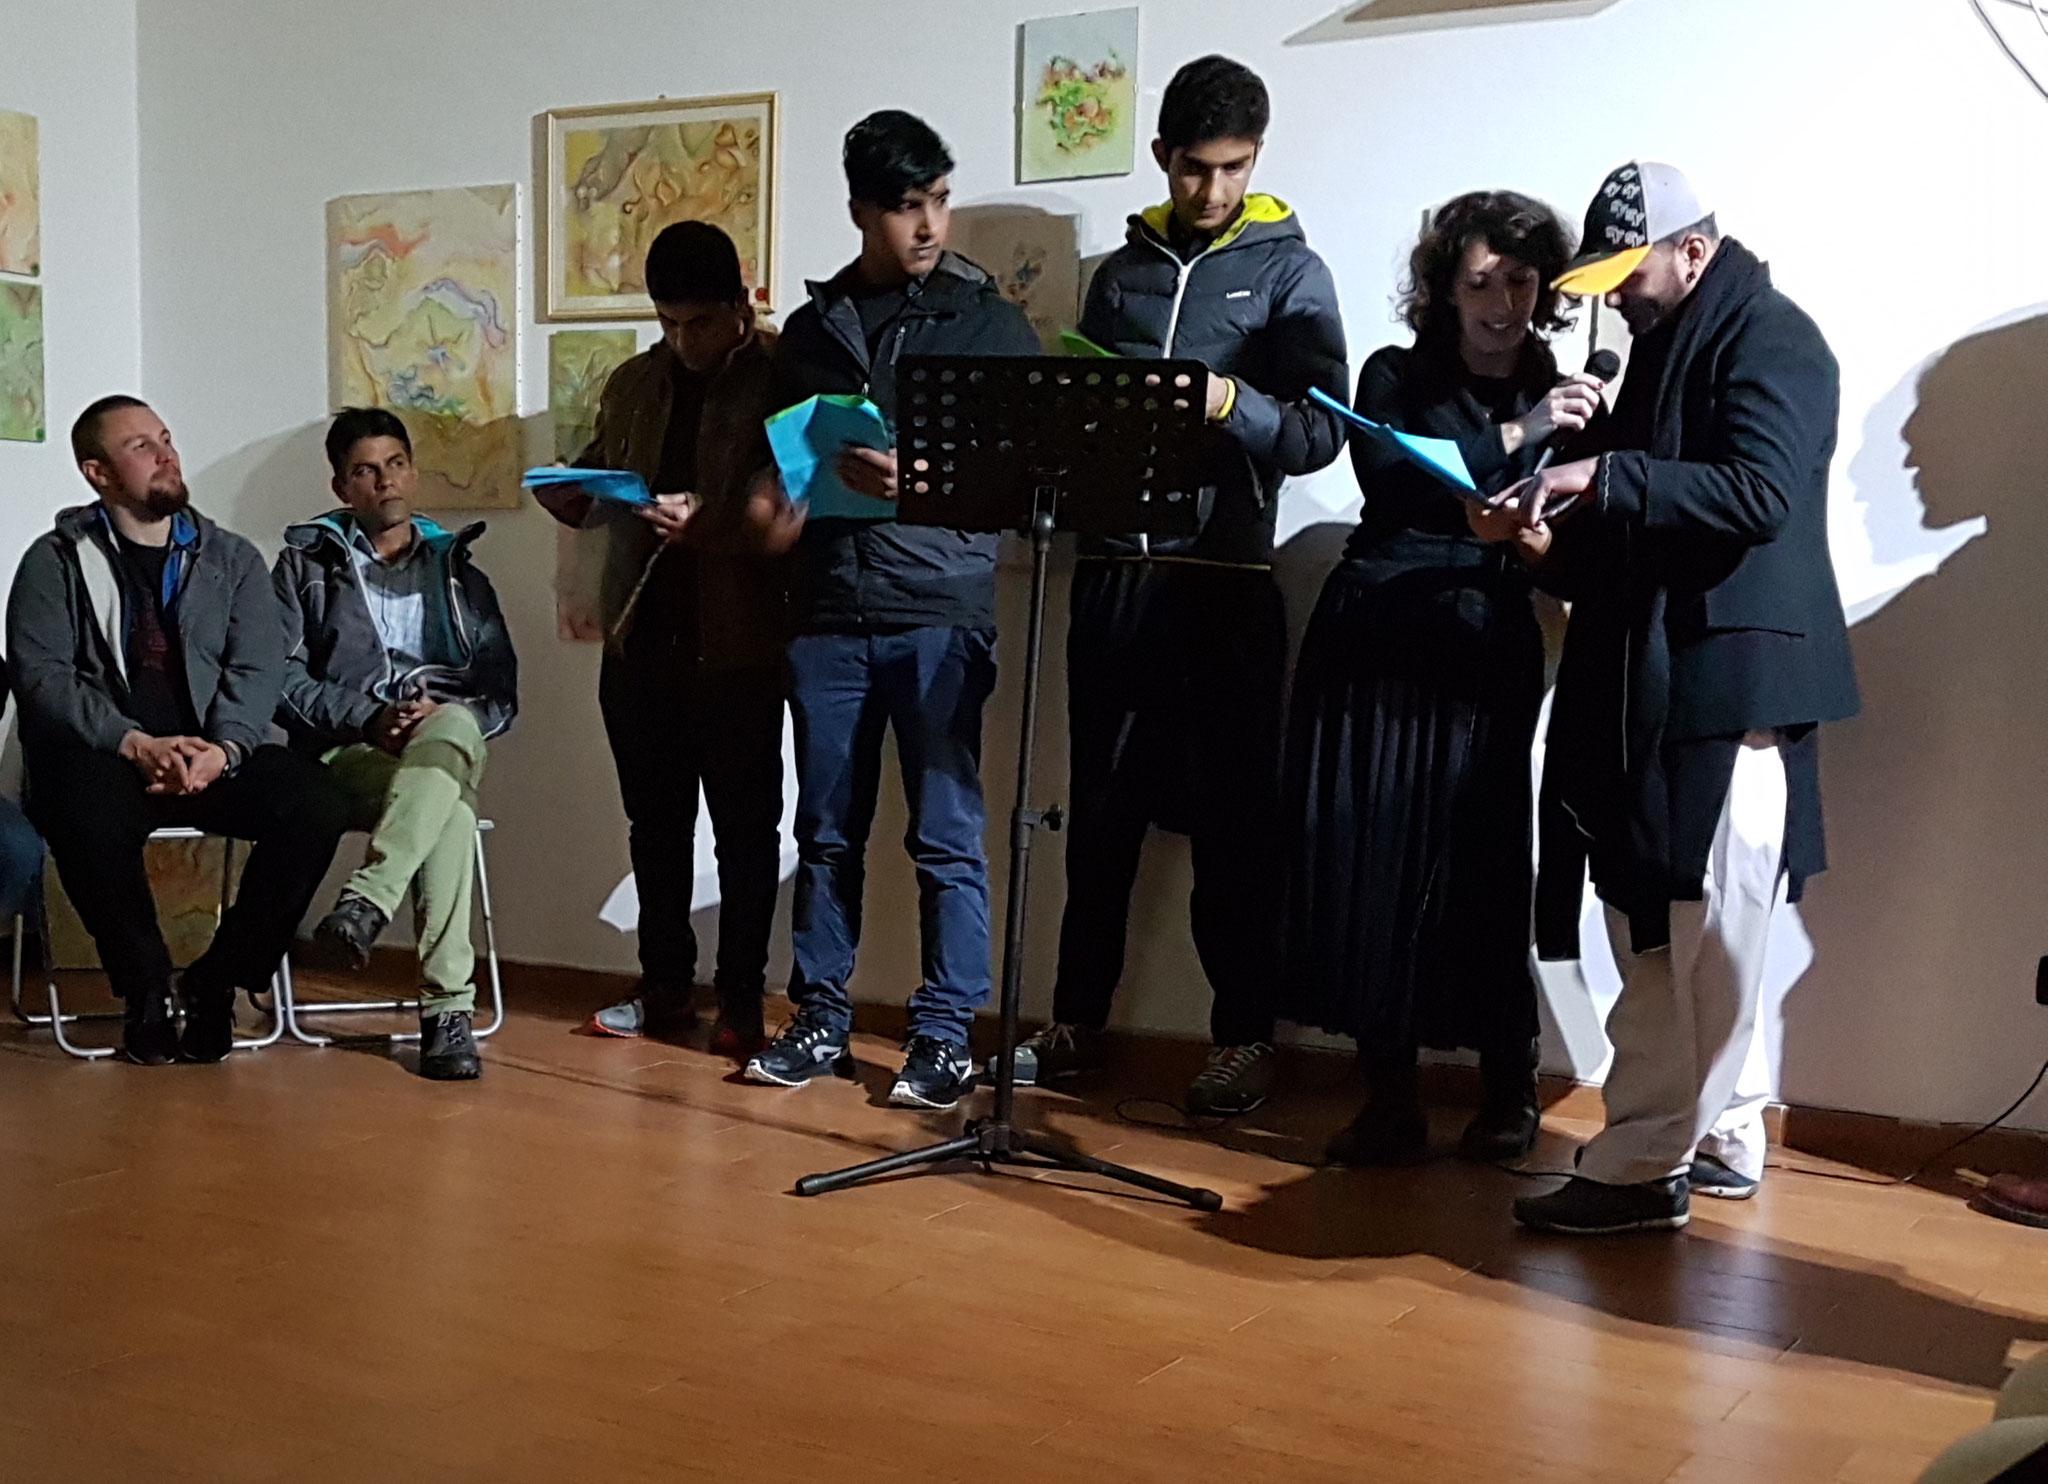 Foto di Marco Iacuaniello - PASSAGGI IN CORTILE - Aperitivo Italo-Pakistano 2017